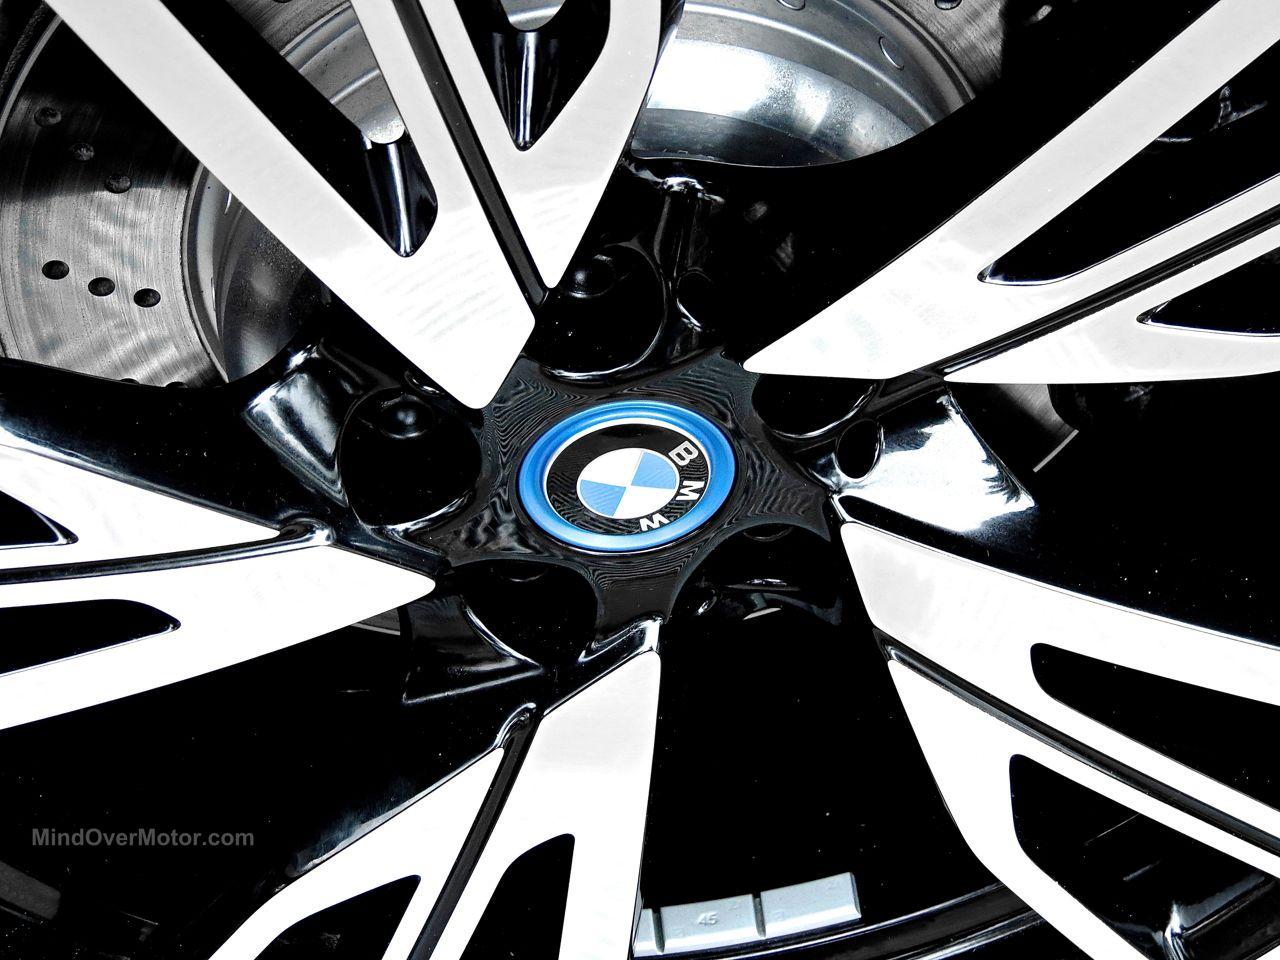 BMW i8 Amelia Island 5